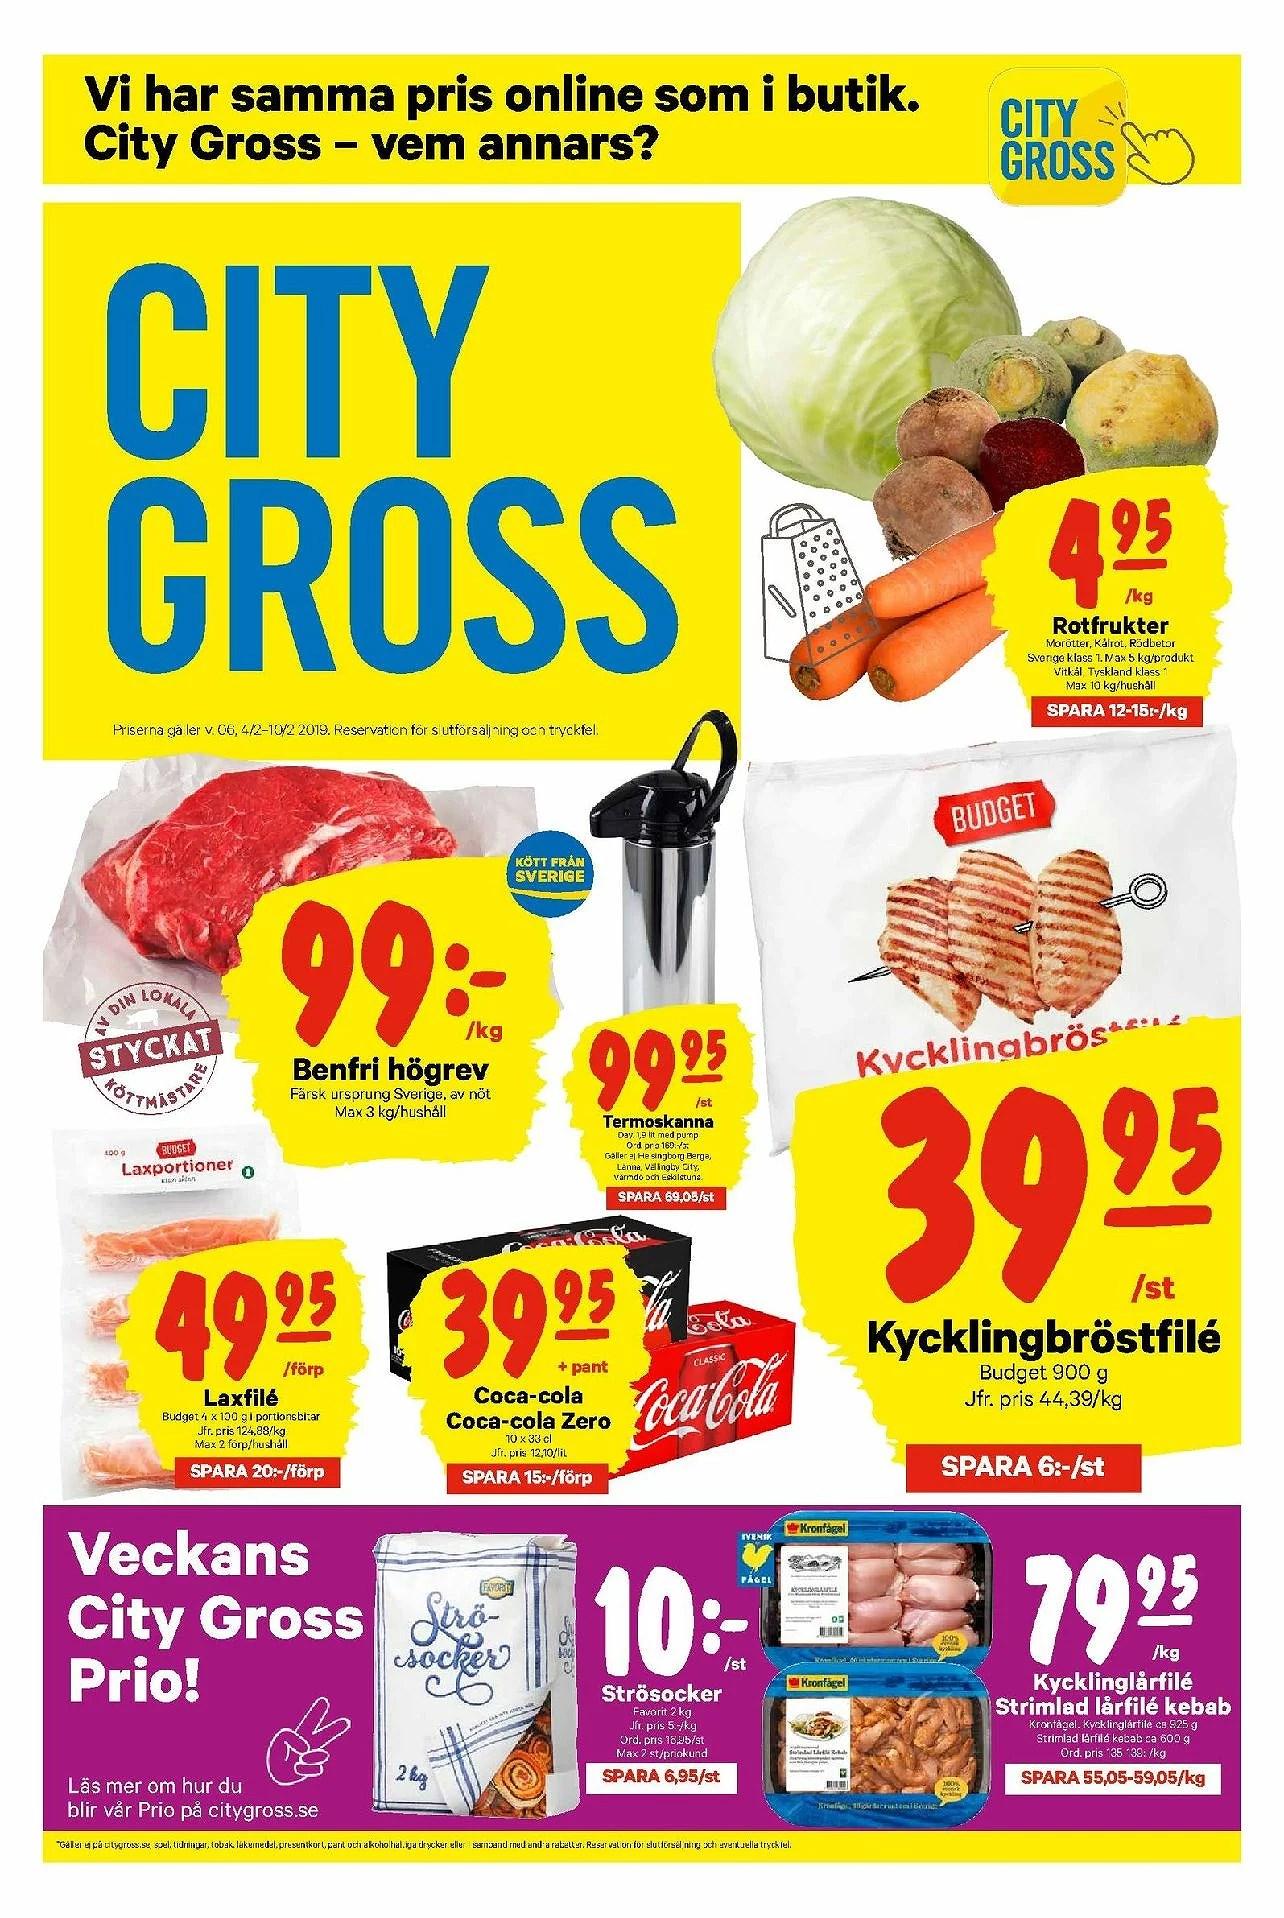 City Gross, roktfrukter 4,95kr kg, barnmat köp 4 betala för 3 och annat